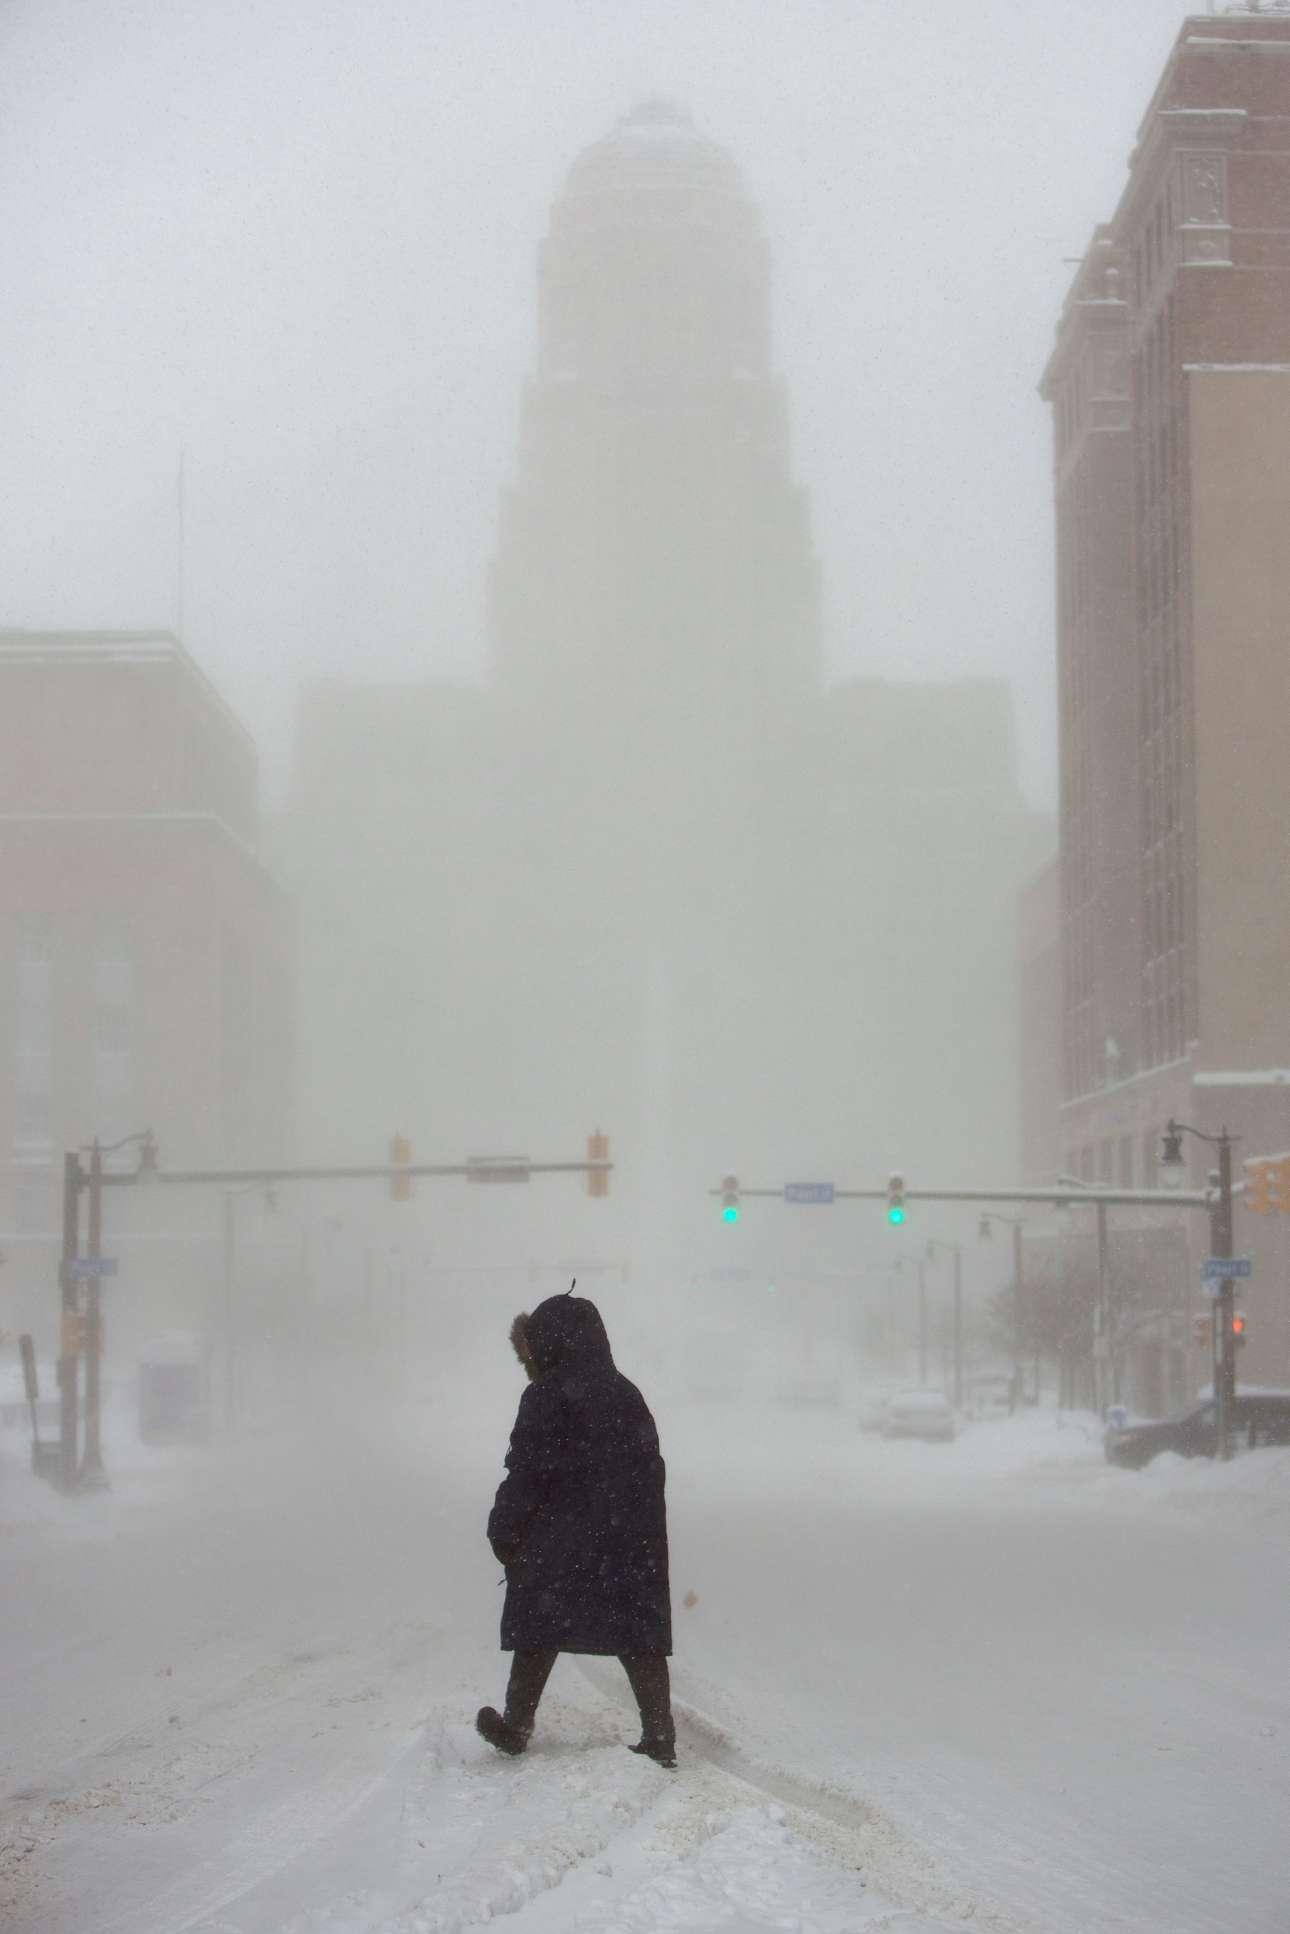 Εν μέσω χιονοθύελλας, μια γυναίκα διασχίζει λεωφόρο στο Μπάφαλο της Νέας Υόρκης